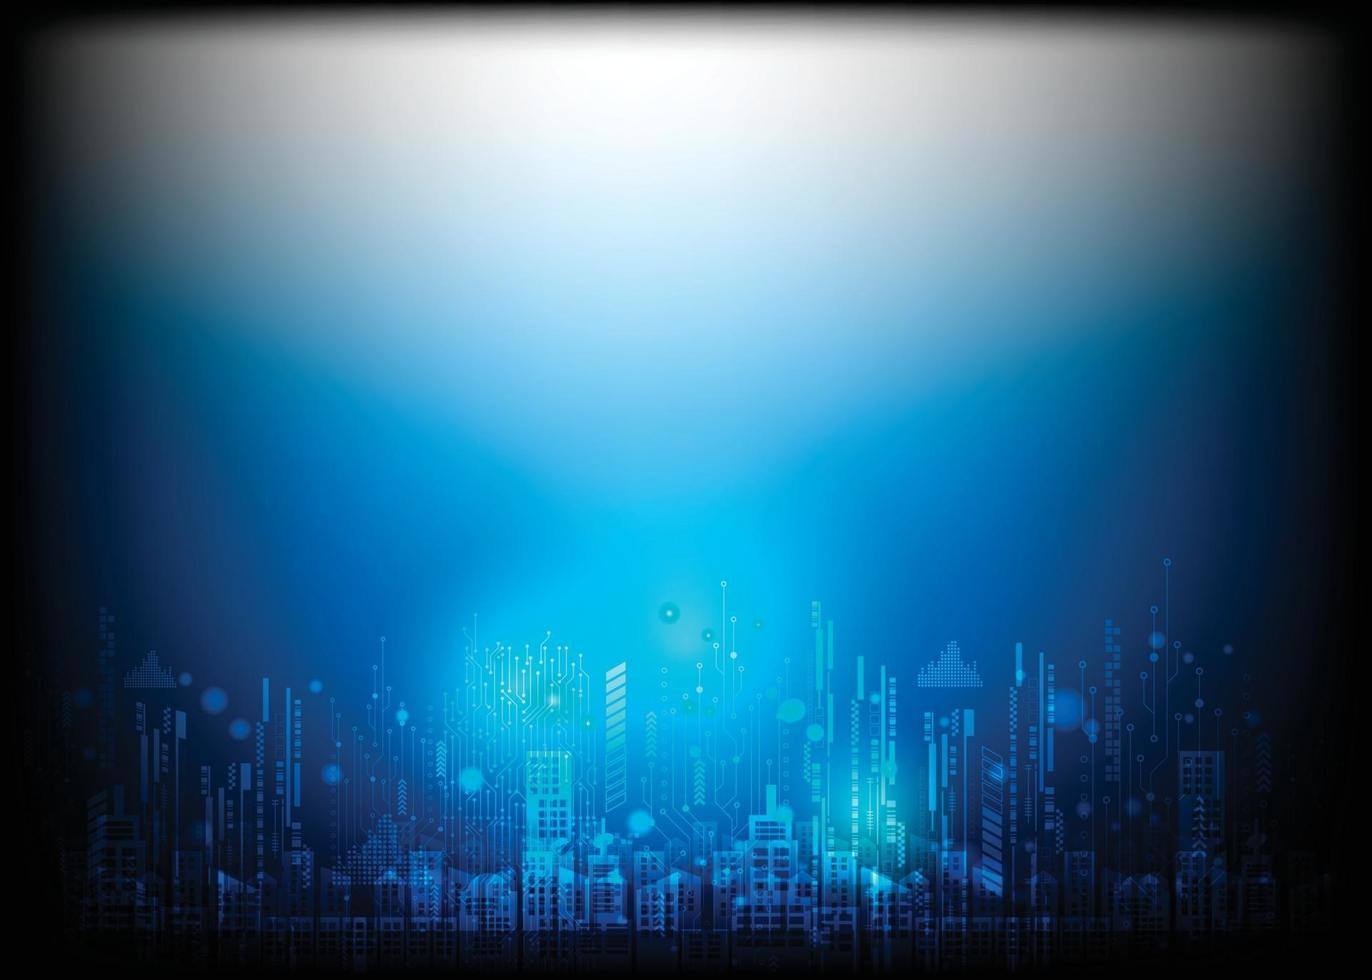 abstrakt modern stad med kretskort, illustration hög datorteknik mörkblå färgbakgrund. vektor